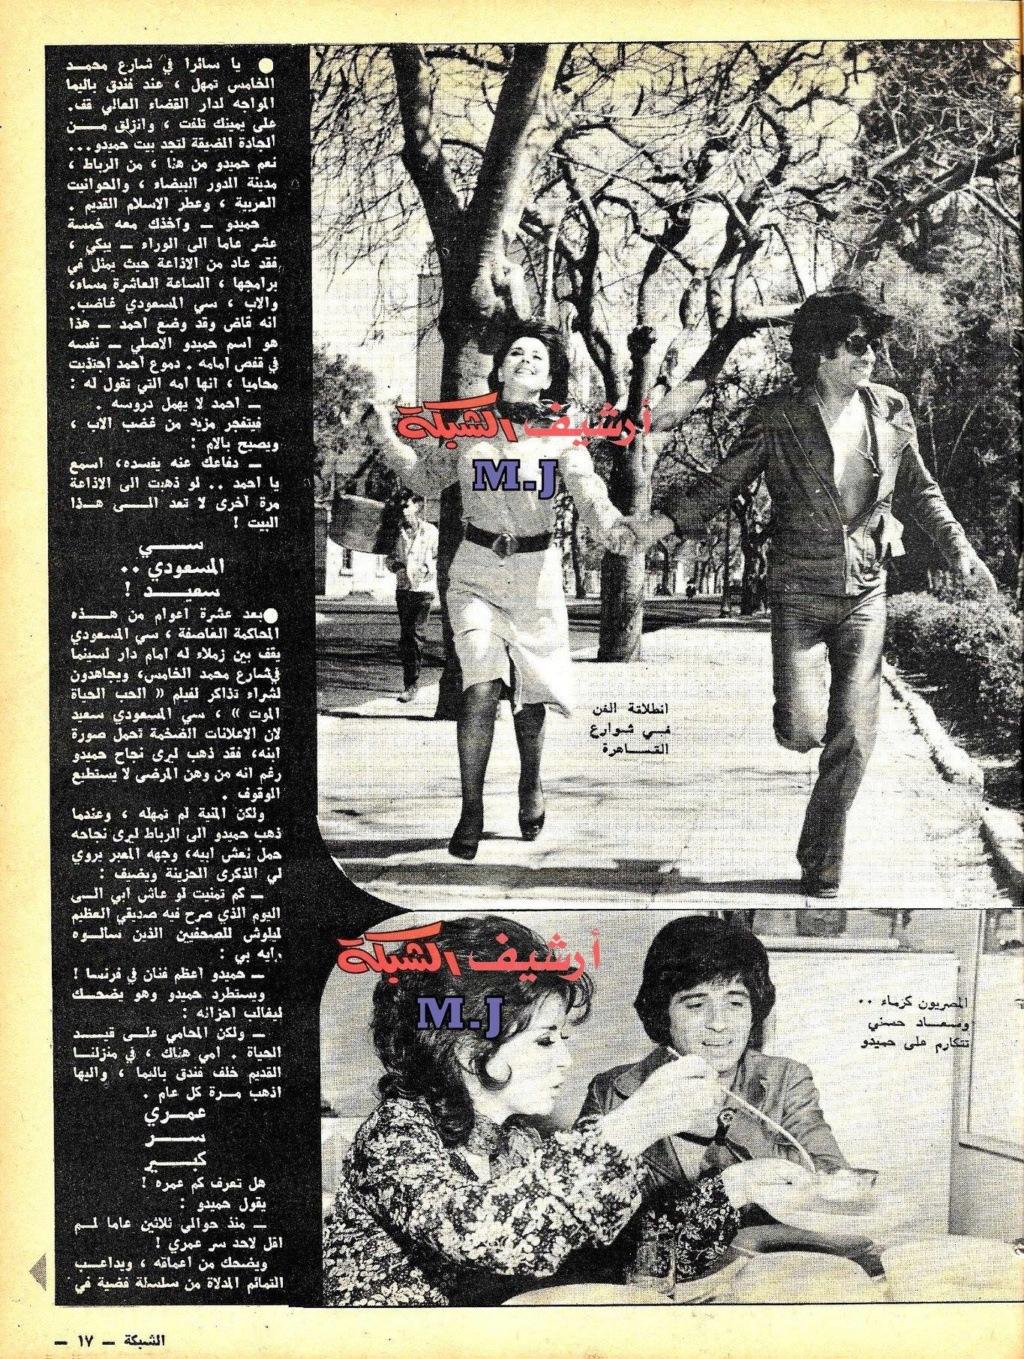 صحفي - مقال صحفي : حميدو بطل حب أمام سعاد حسني 1971 م 246